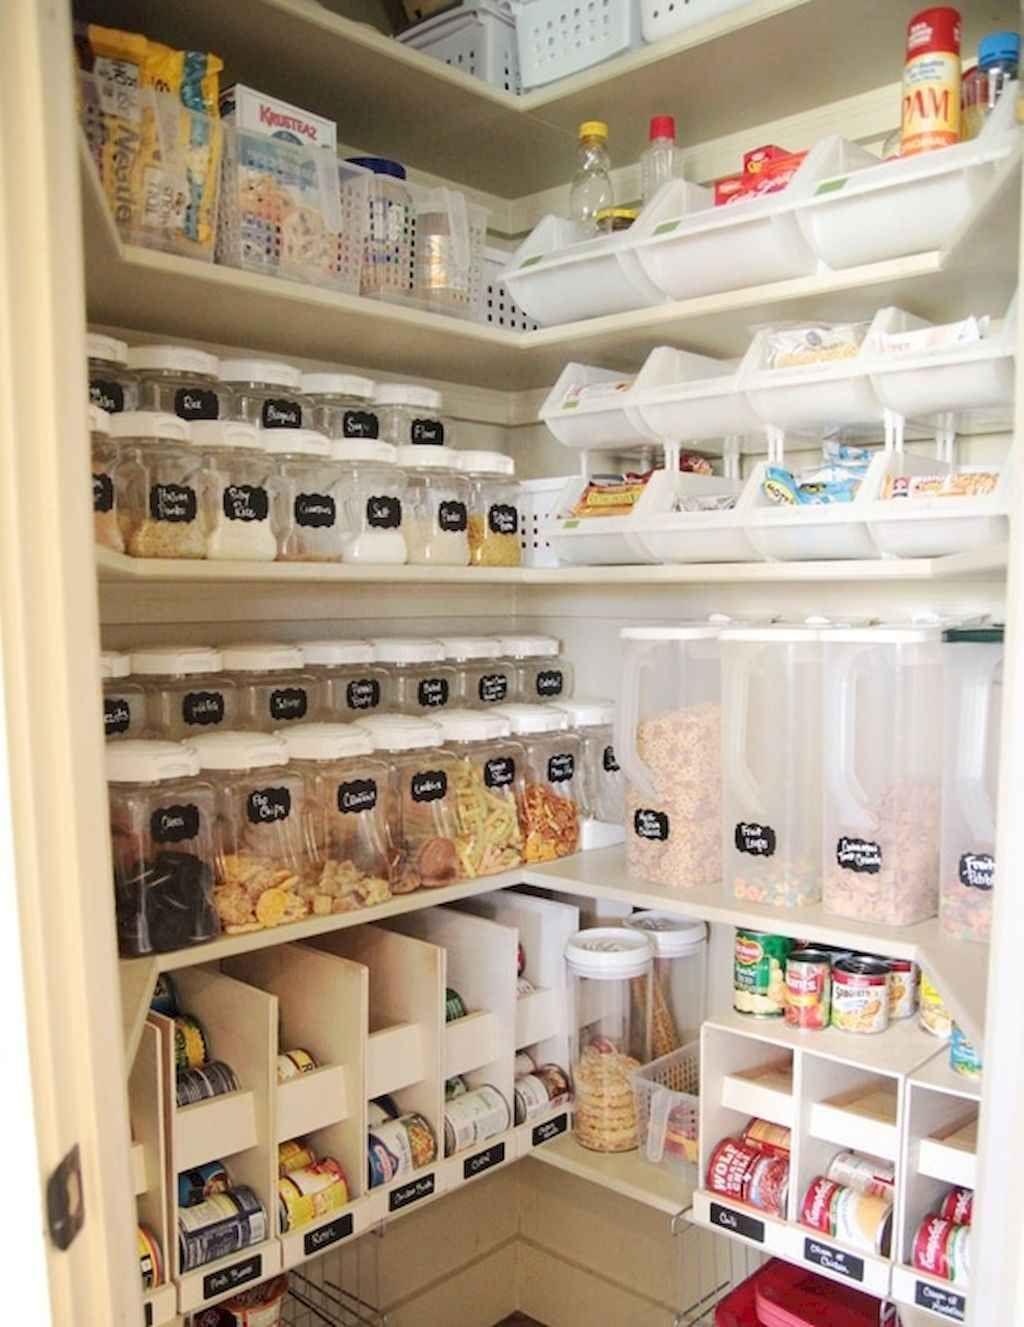 33 Genius Kitchen Organization Ideas Redecorationroom Small Kitchen Storage Kitchen Organization Diy Small Kitchen Storage Solutions